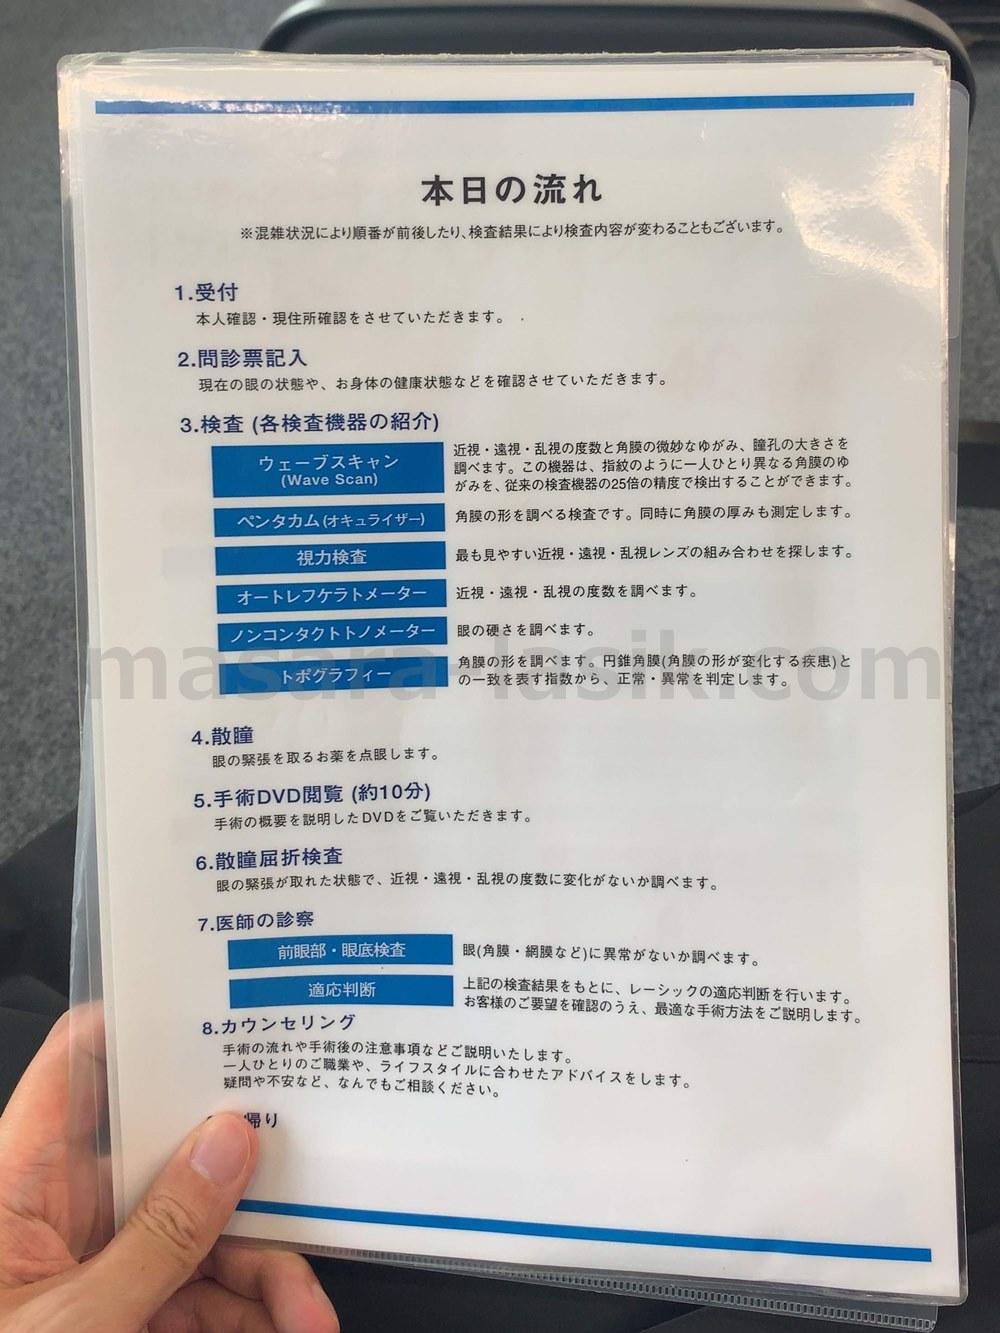 神戸神奈川アイクリニックの適応検査の流れ